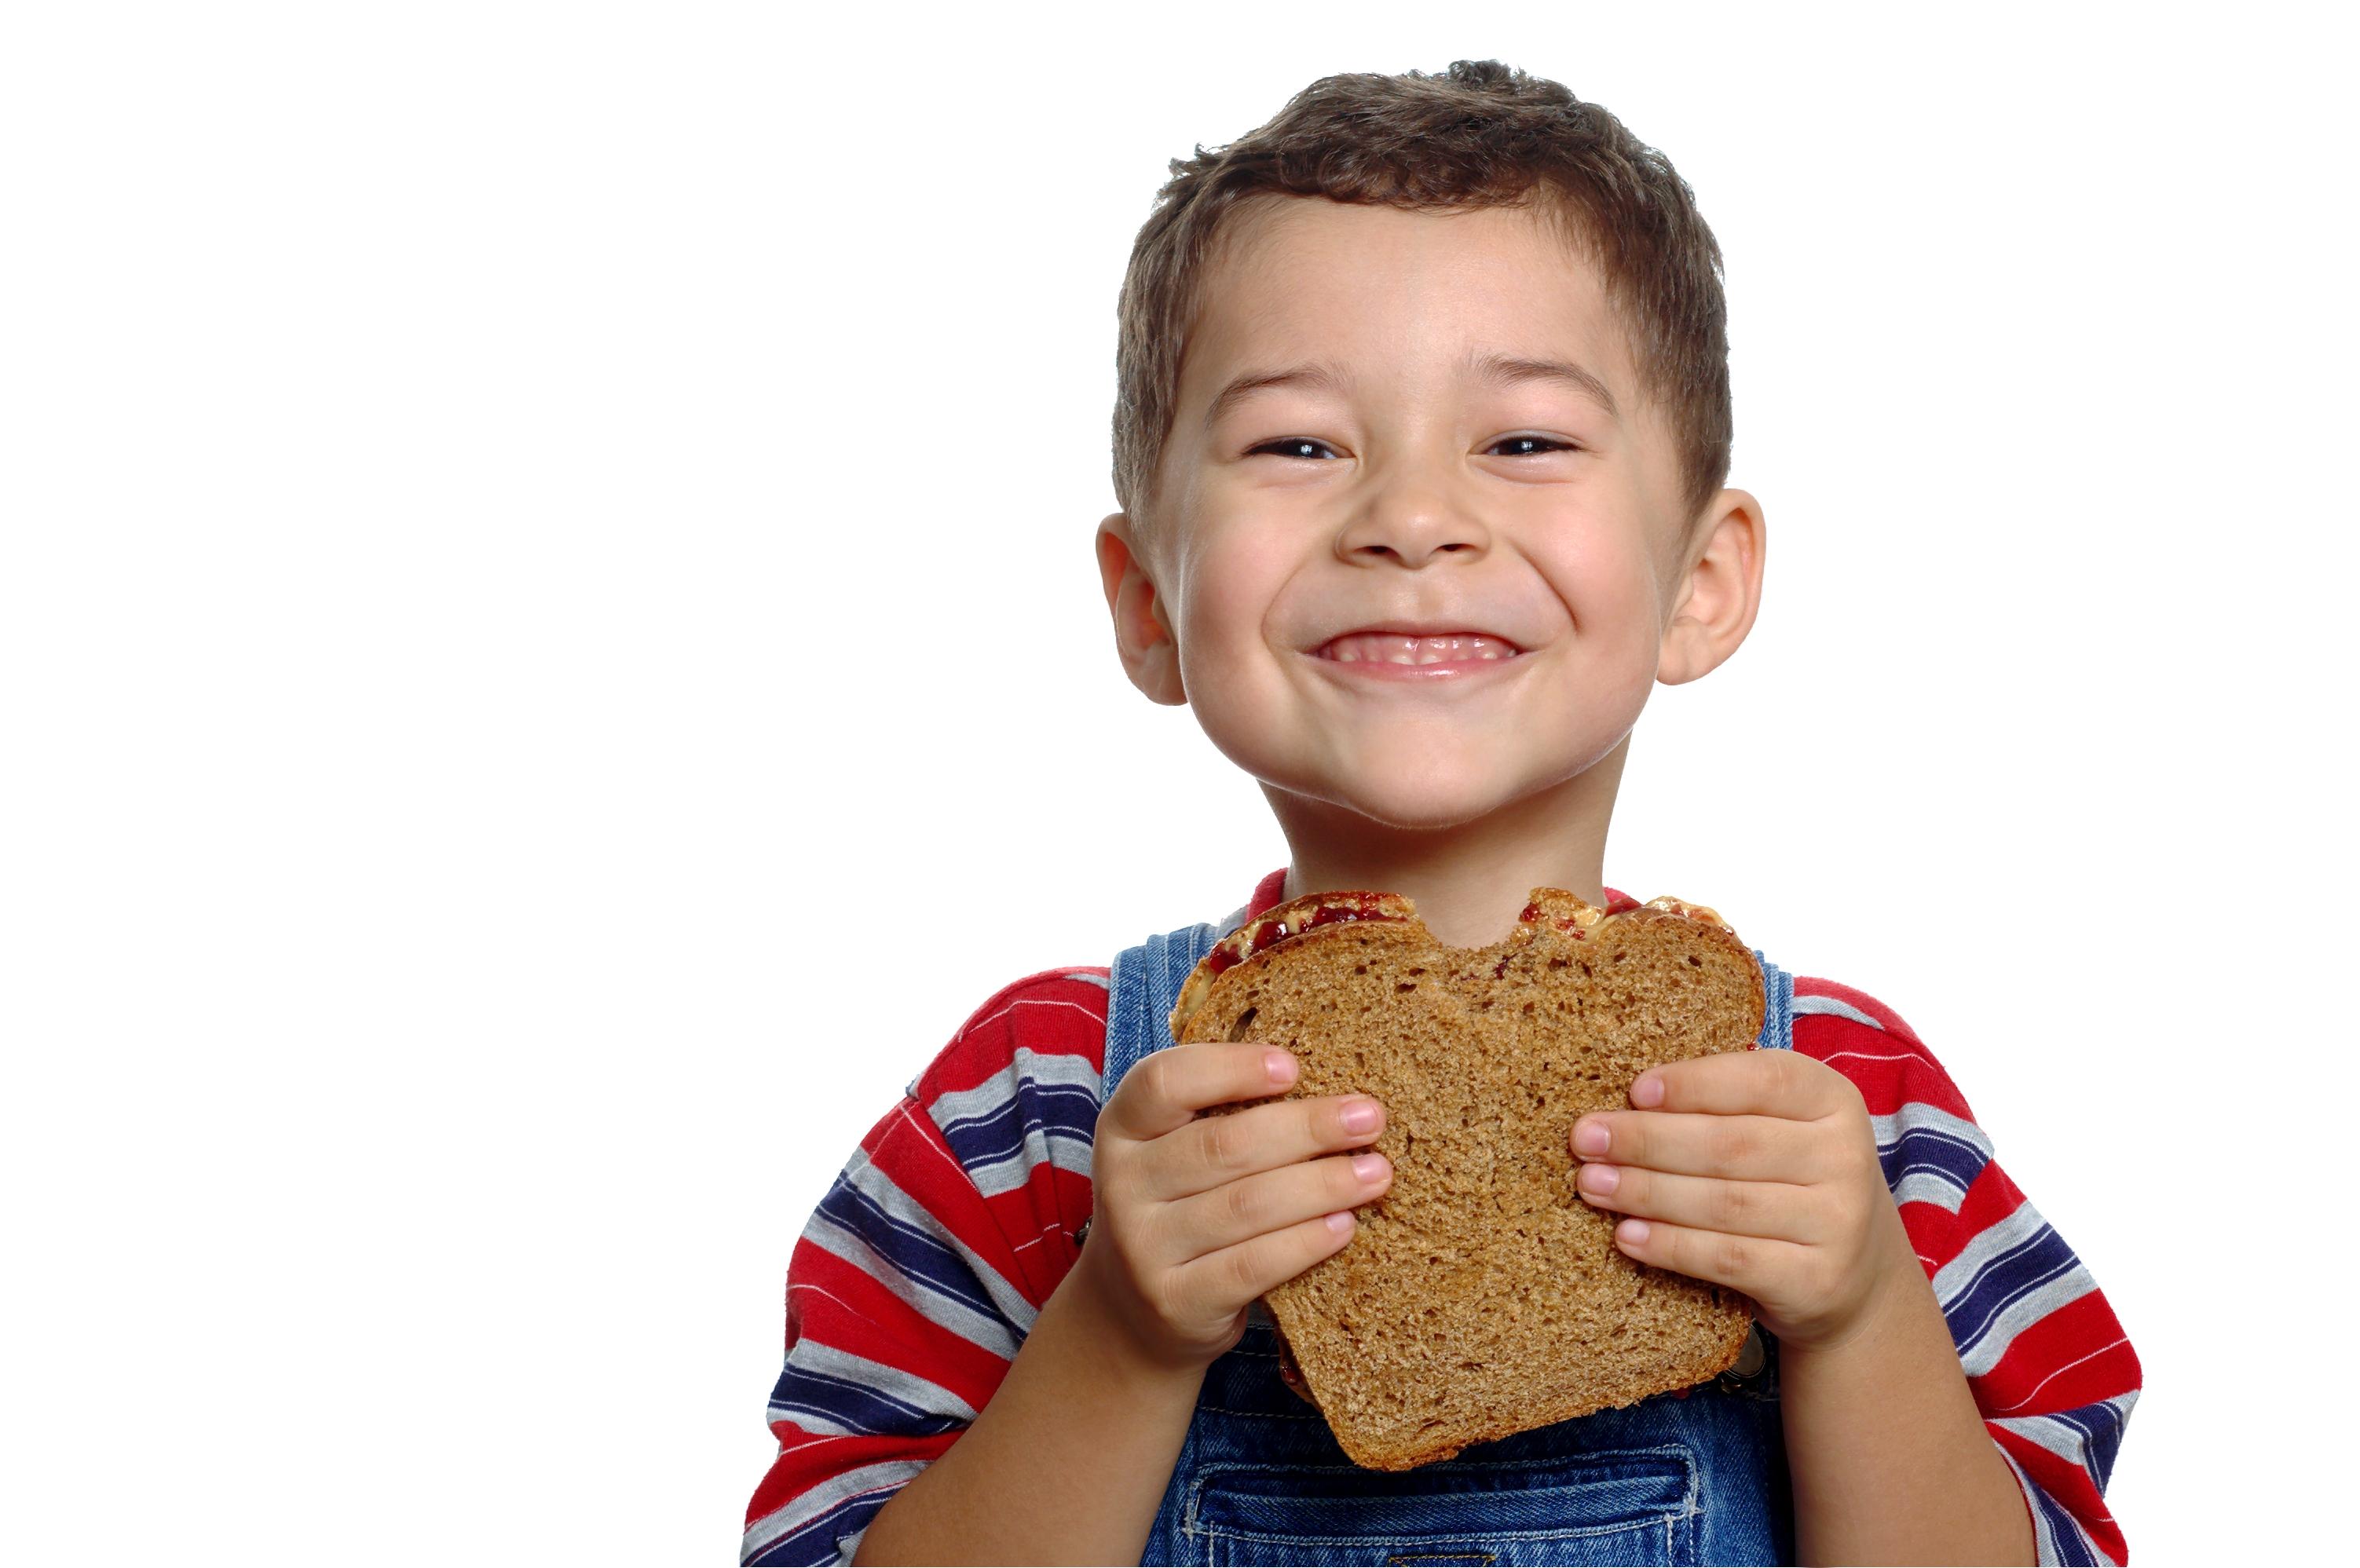 Child holding whole grain sandwich